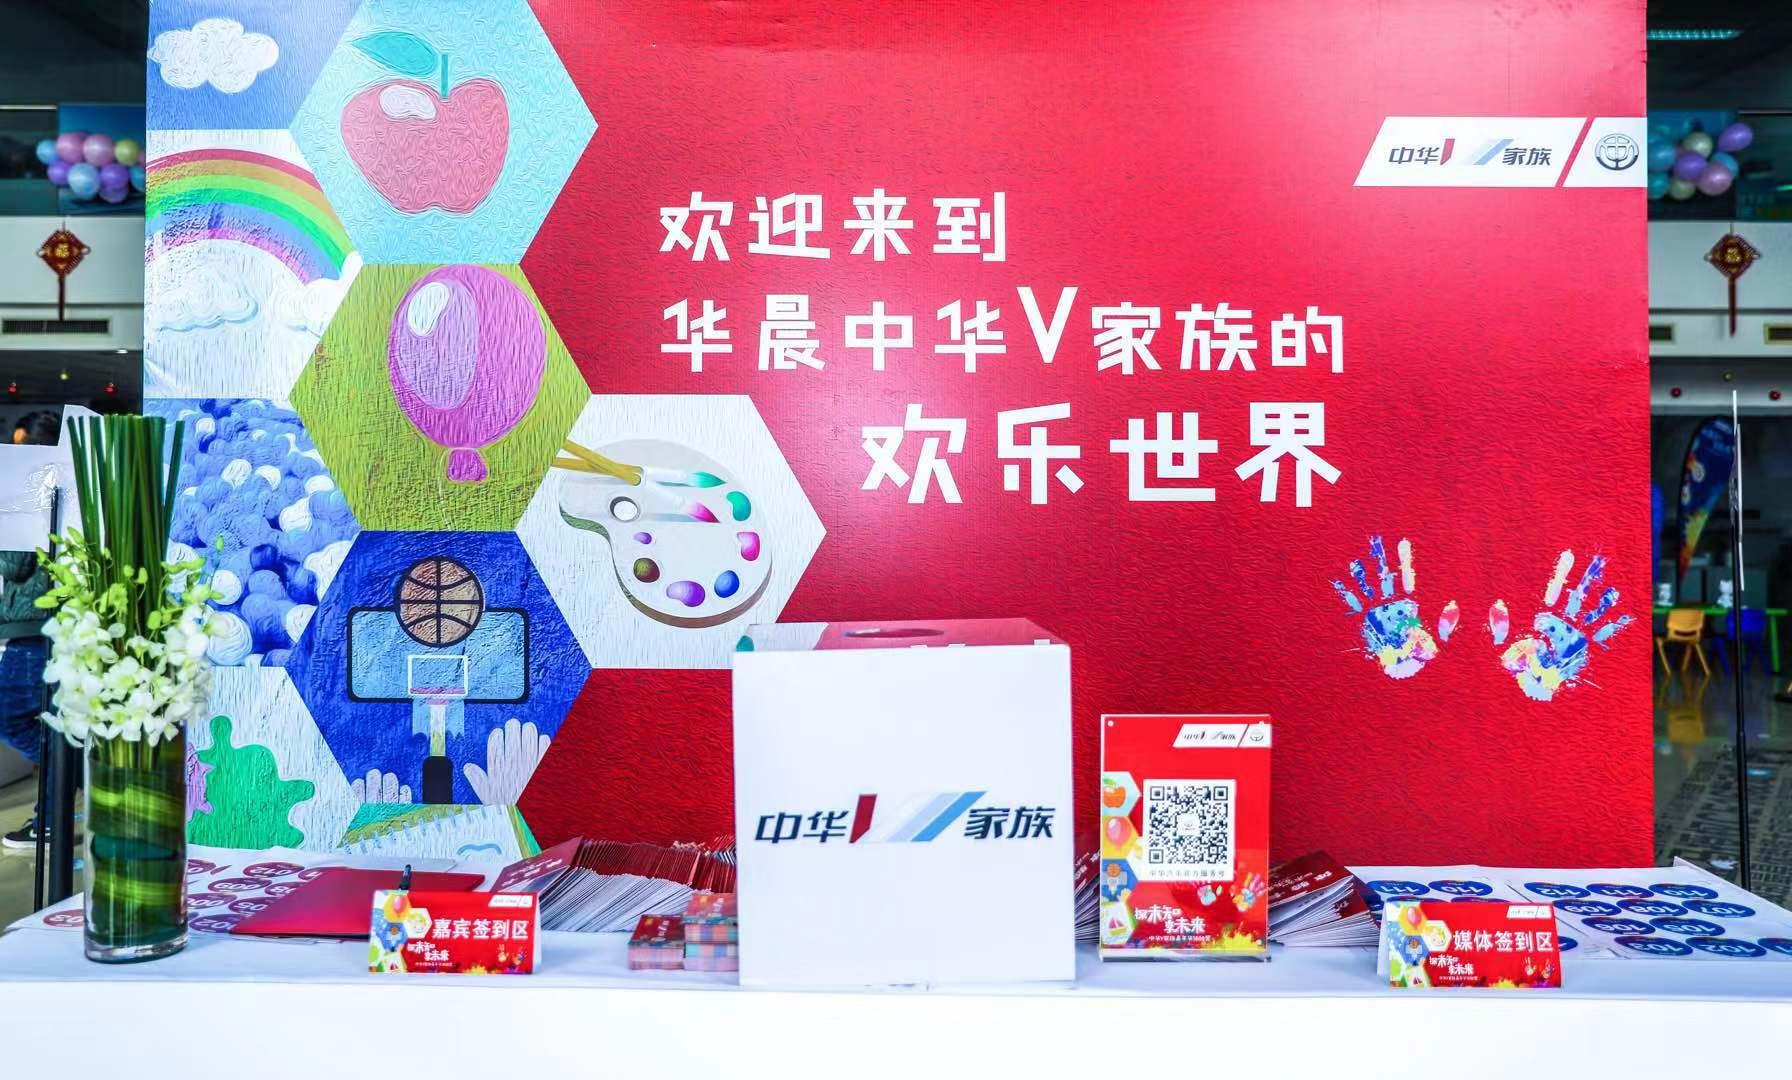 打造创新营销模式 中华V家族嘉年华体验营开营